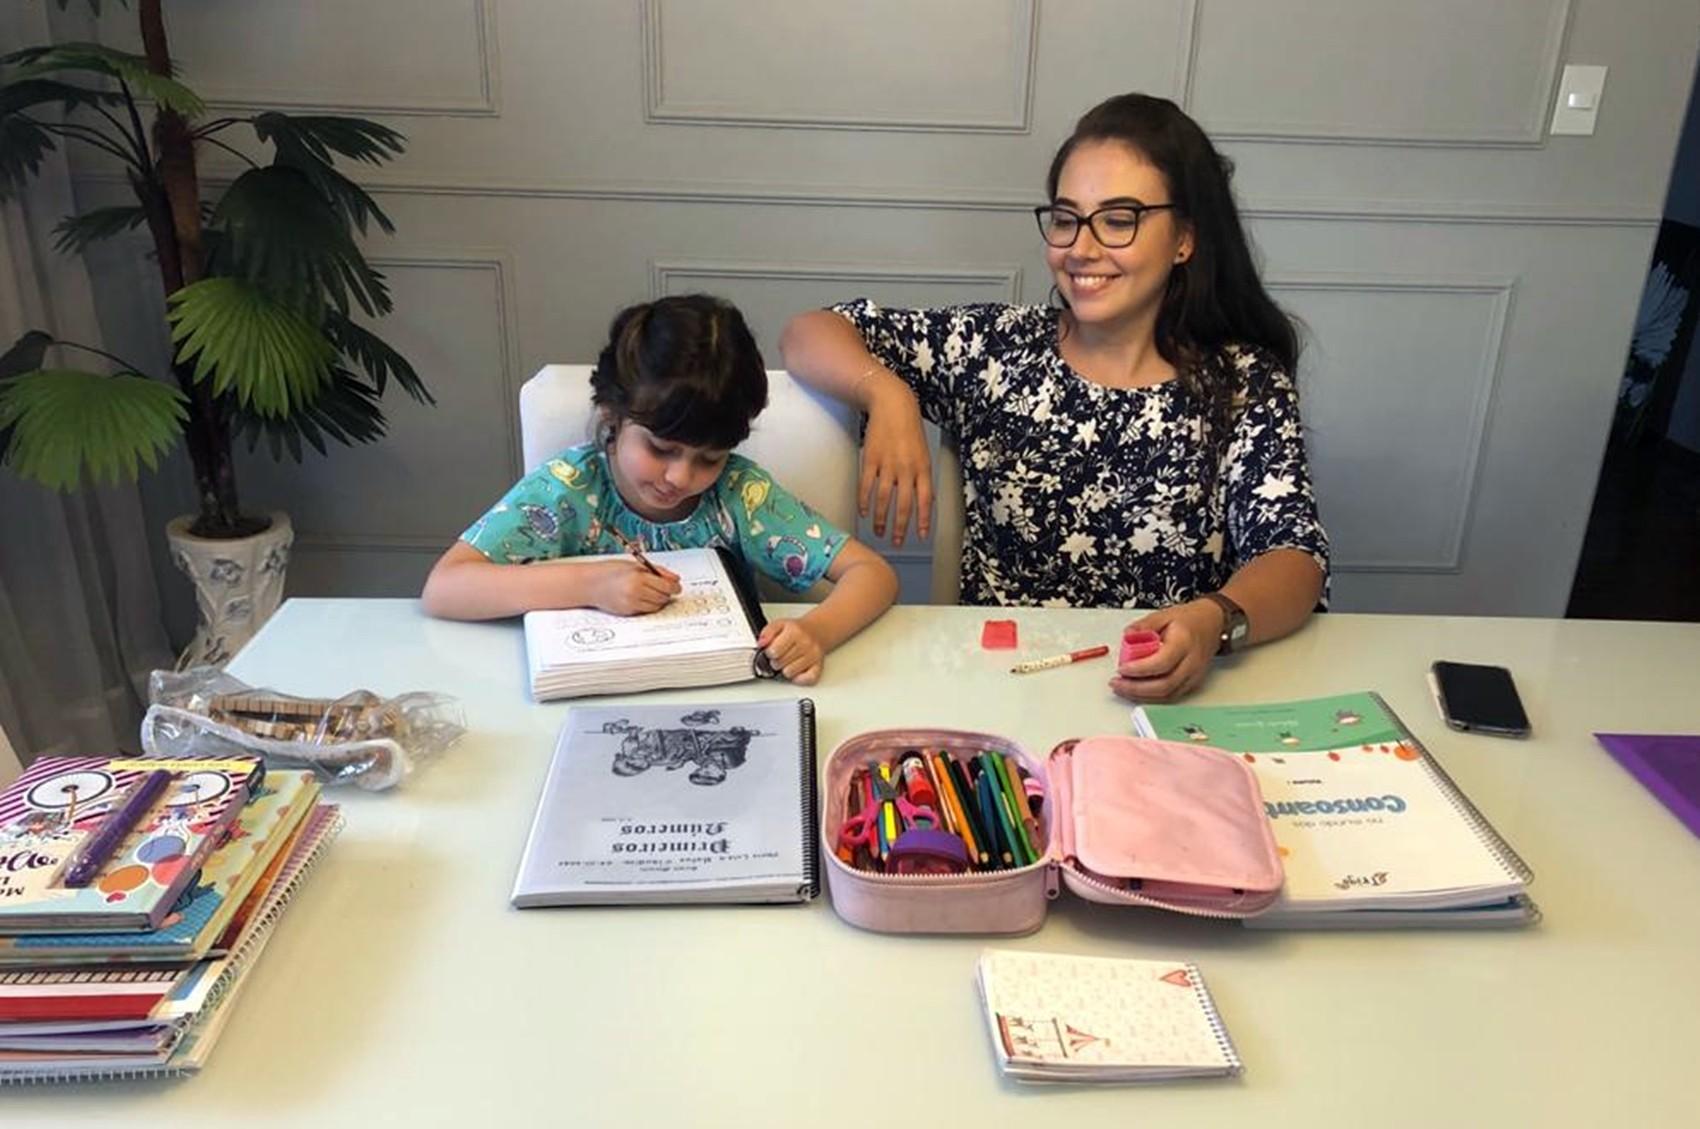 Interesse em 'homeschooling' aumenta em 36%, aponta estudo; professores do Sul de MG têm apostado no método